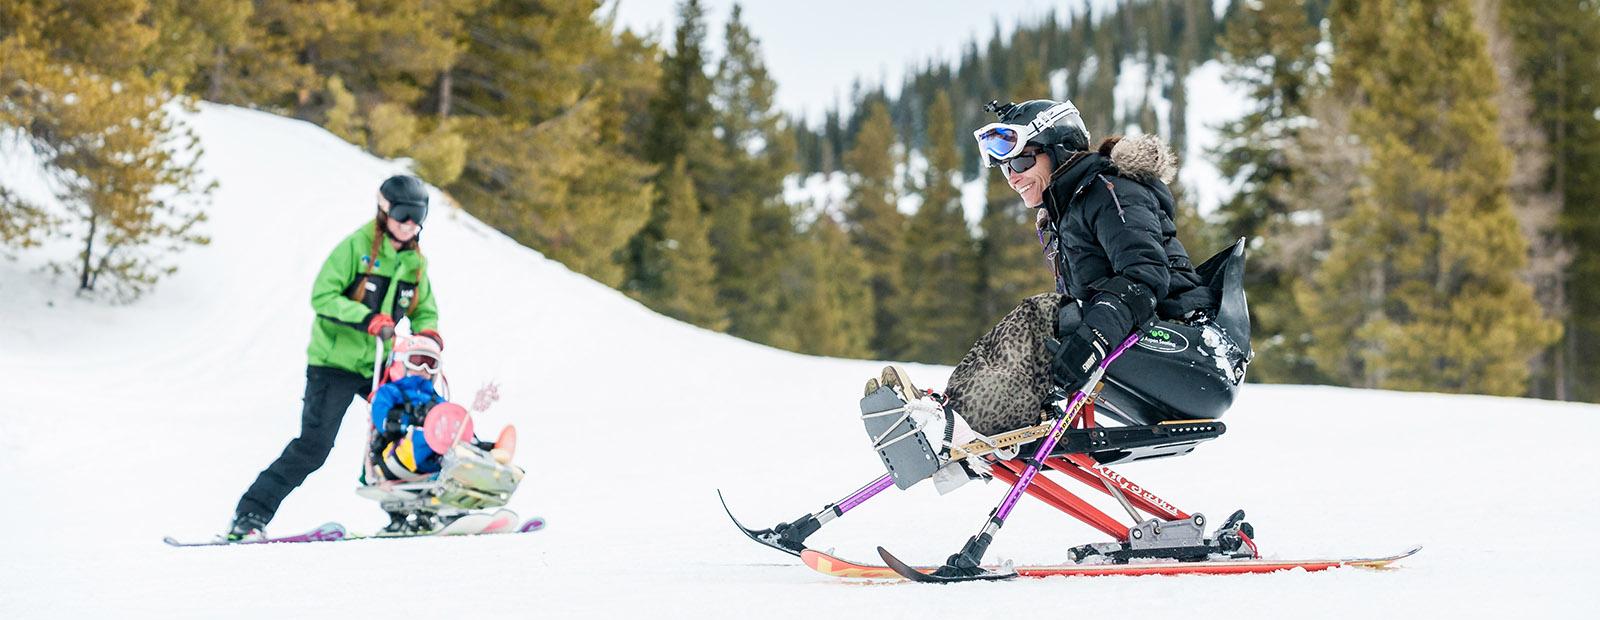 sit skiers